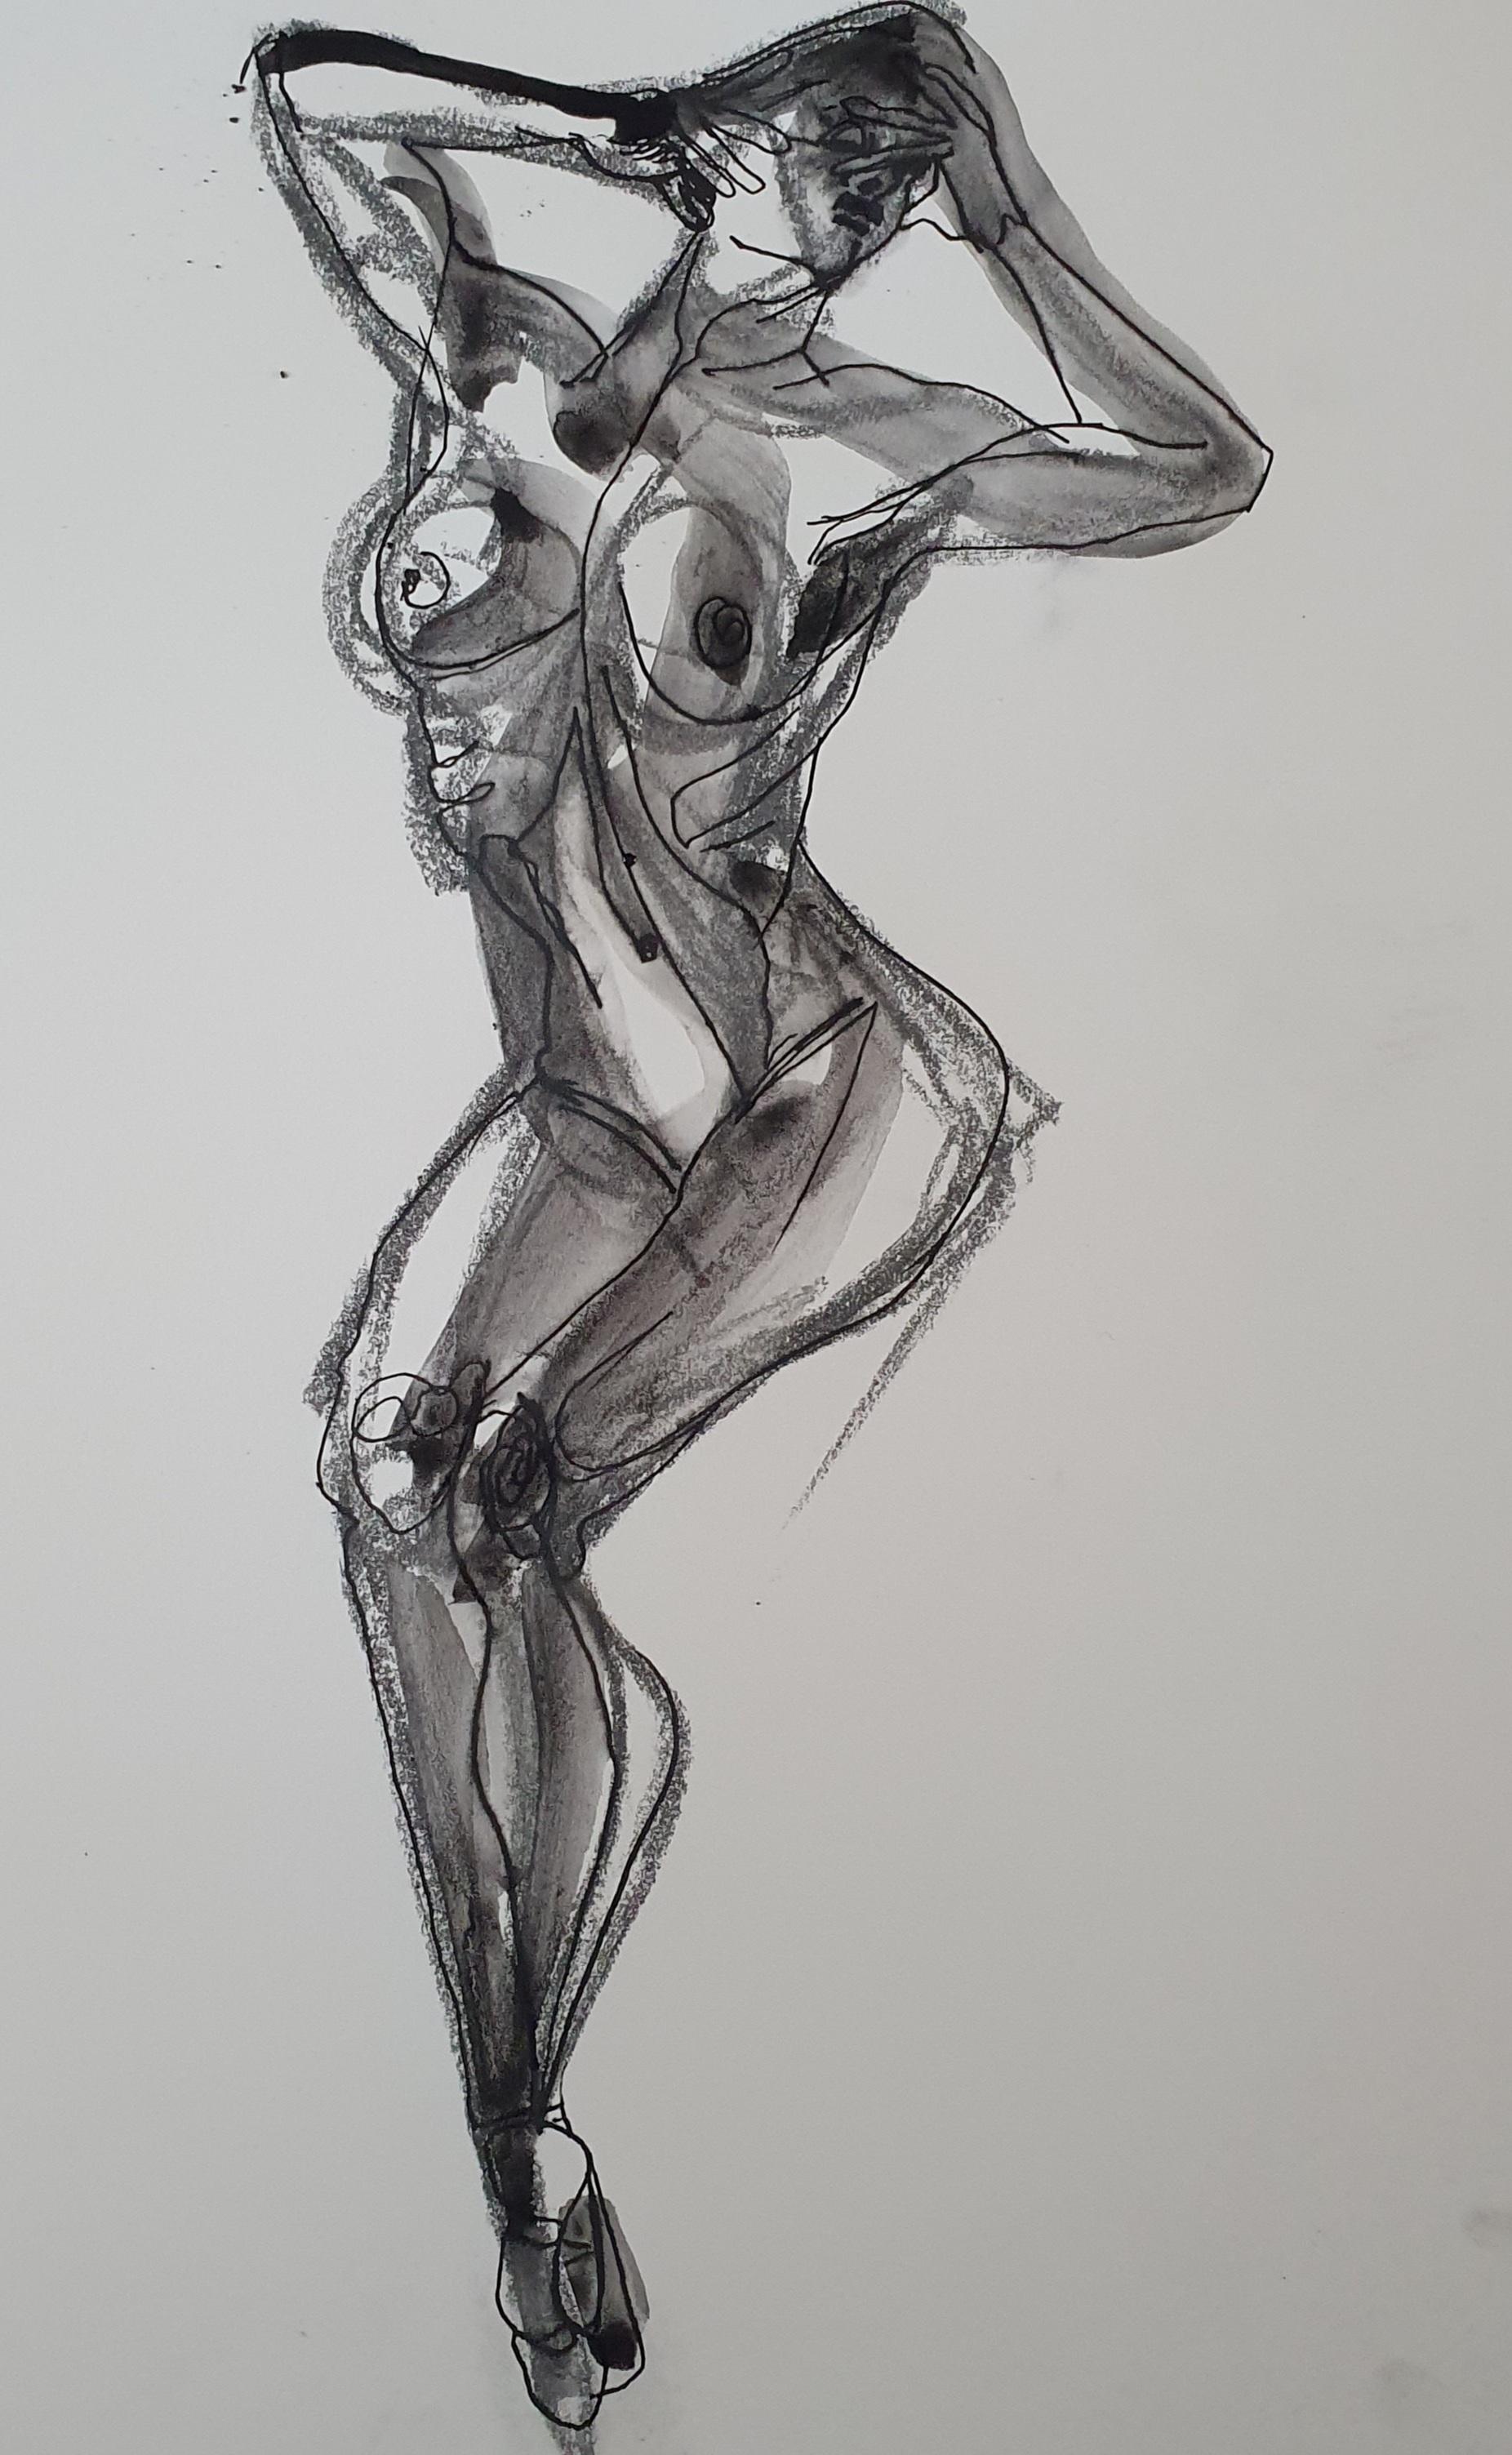 Dessin feutre aquarelle fusain  cours de dessin